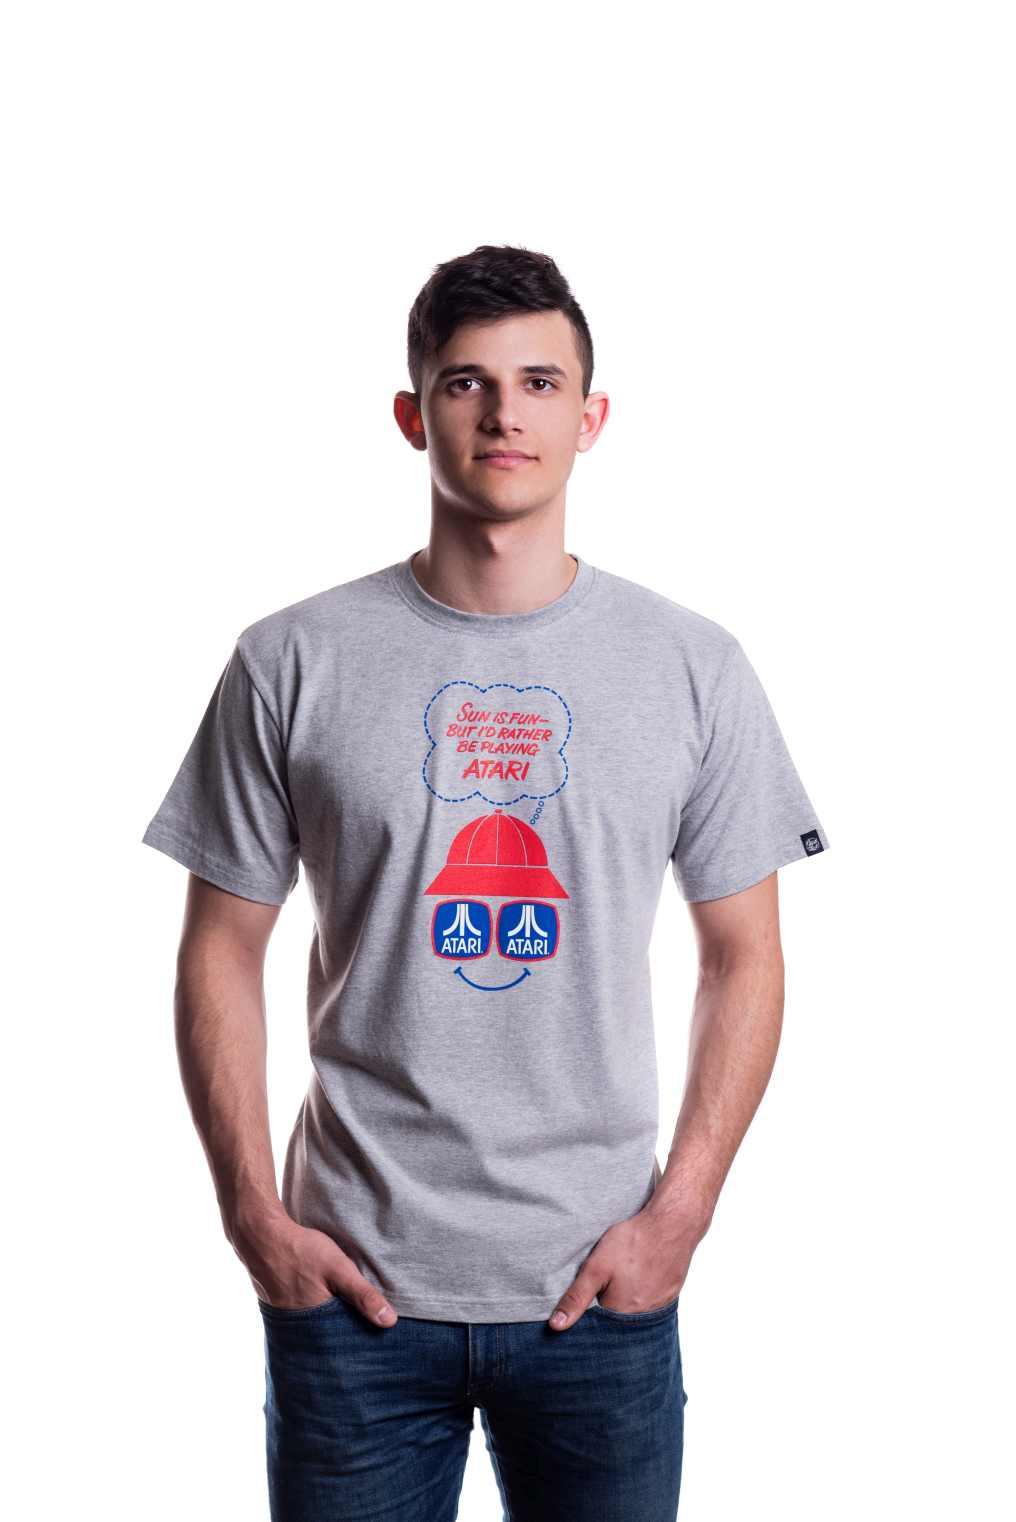 Atari Sun is Fun T-shirt S